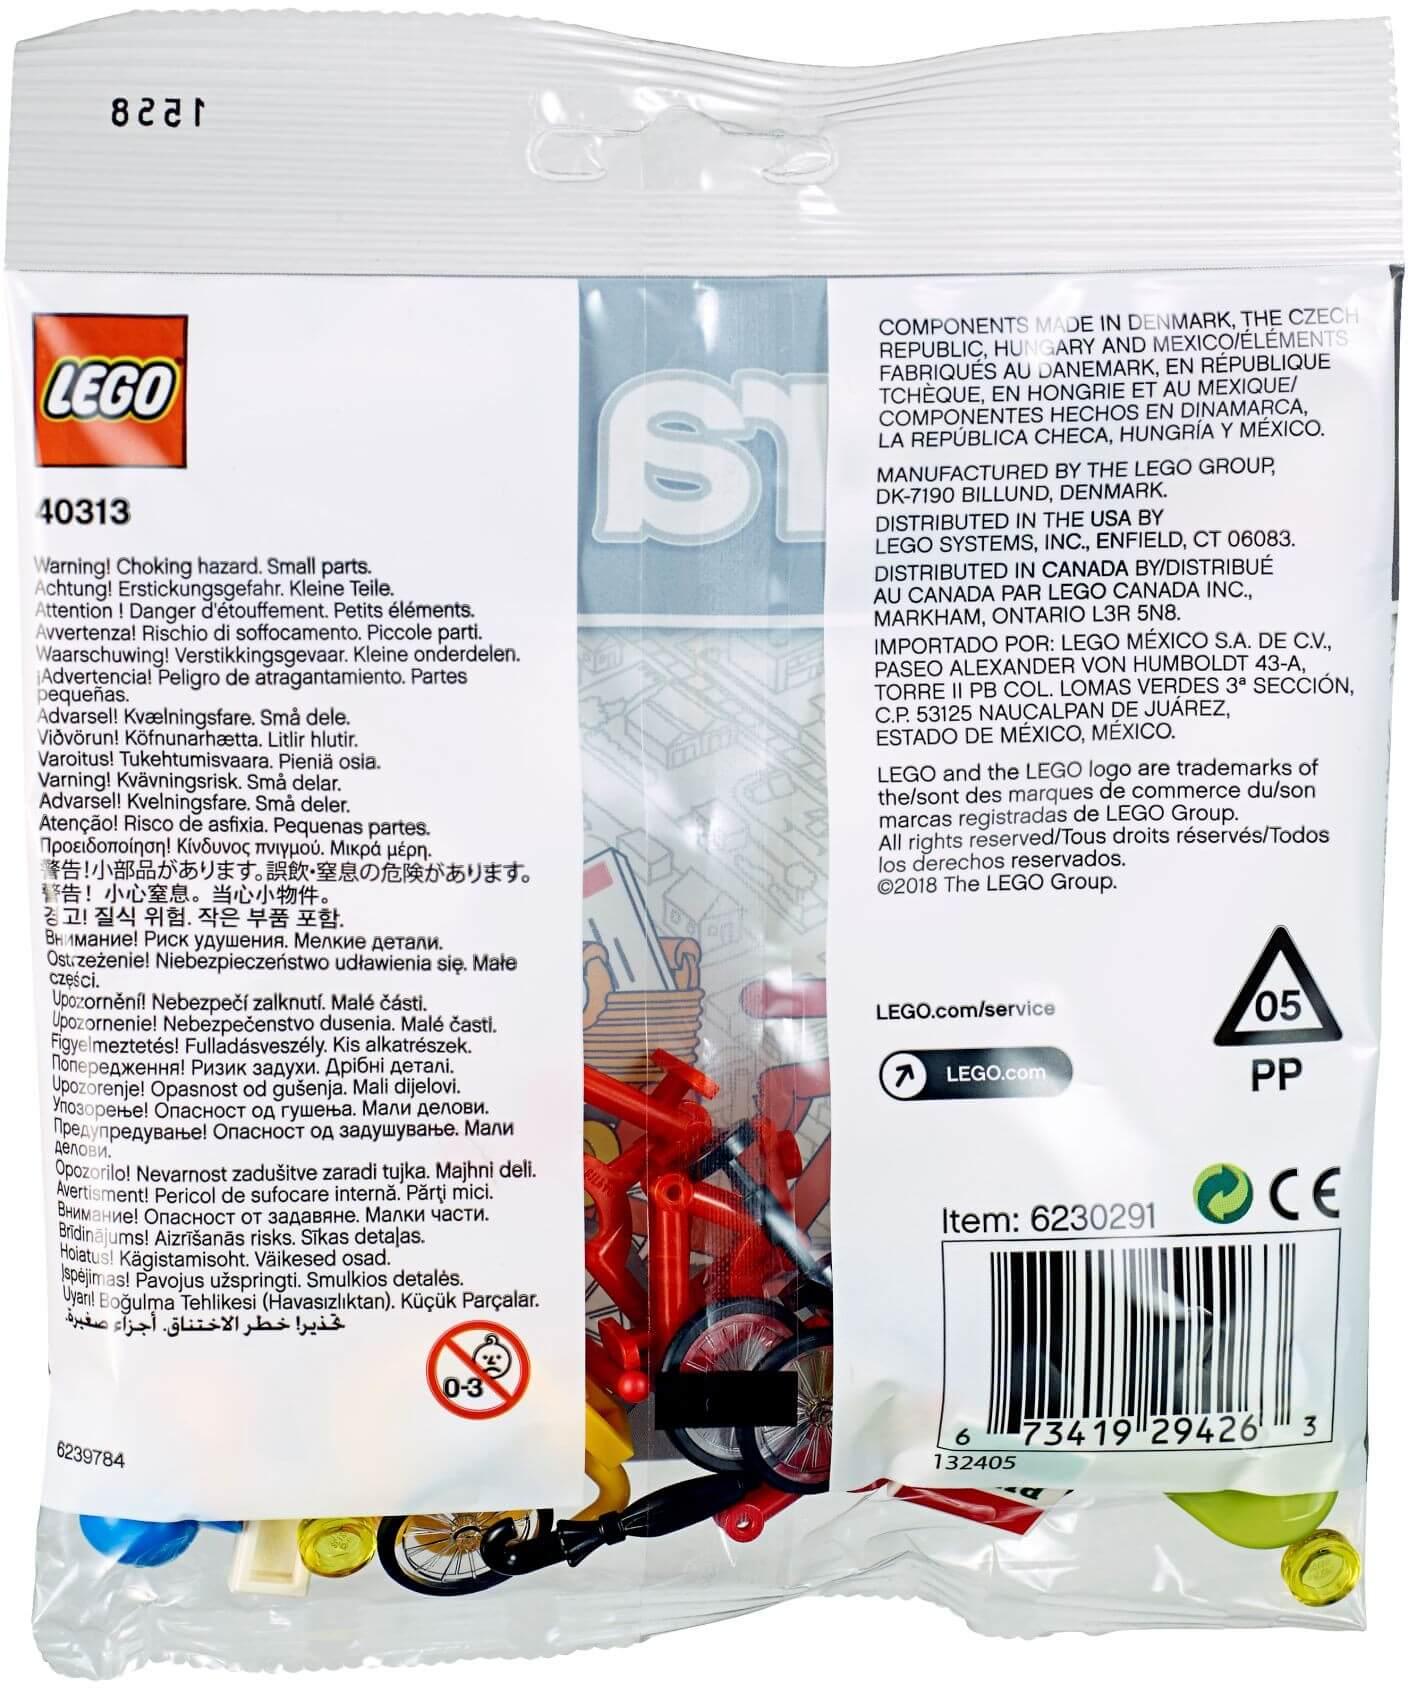 Mua đồ chơi LEGO 40313 - LEGO City 40313 - Bộ Xếp hình Xe Đạp (LEGO 40313 Bicycles)